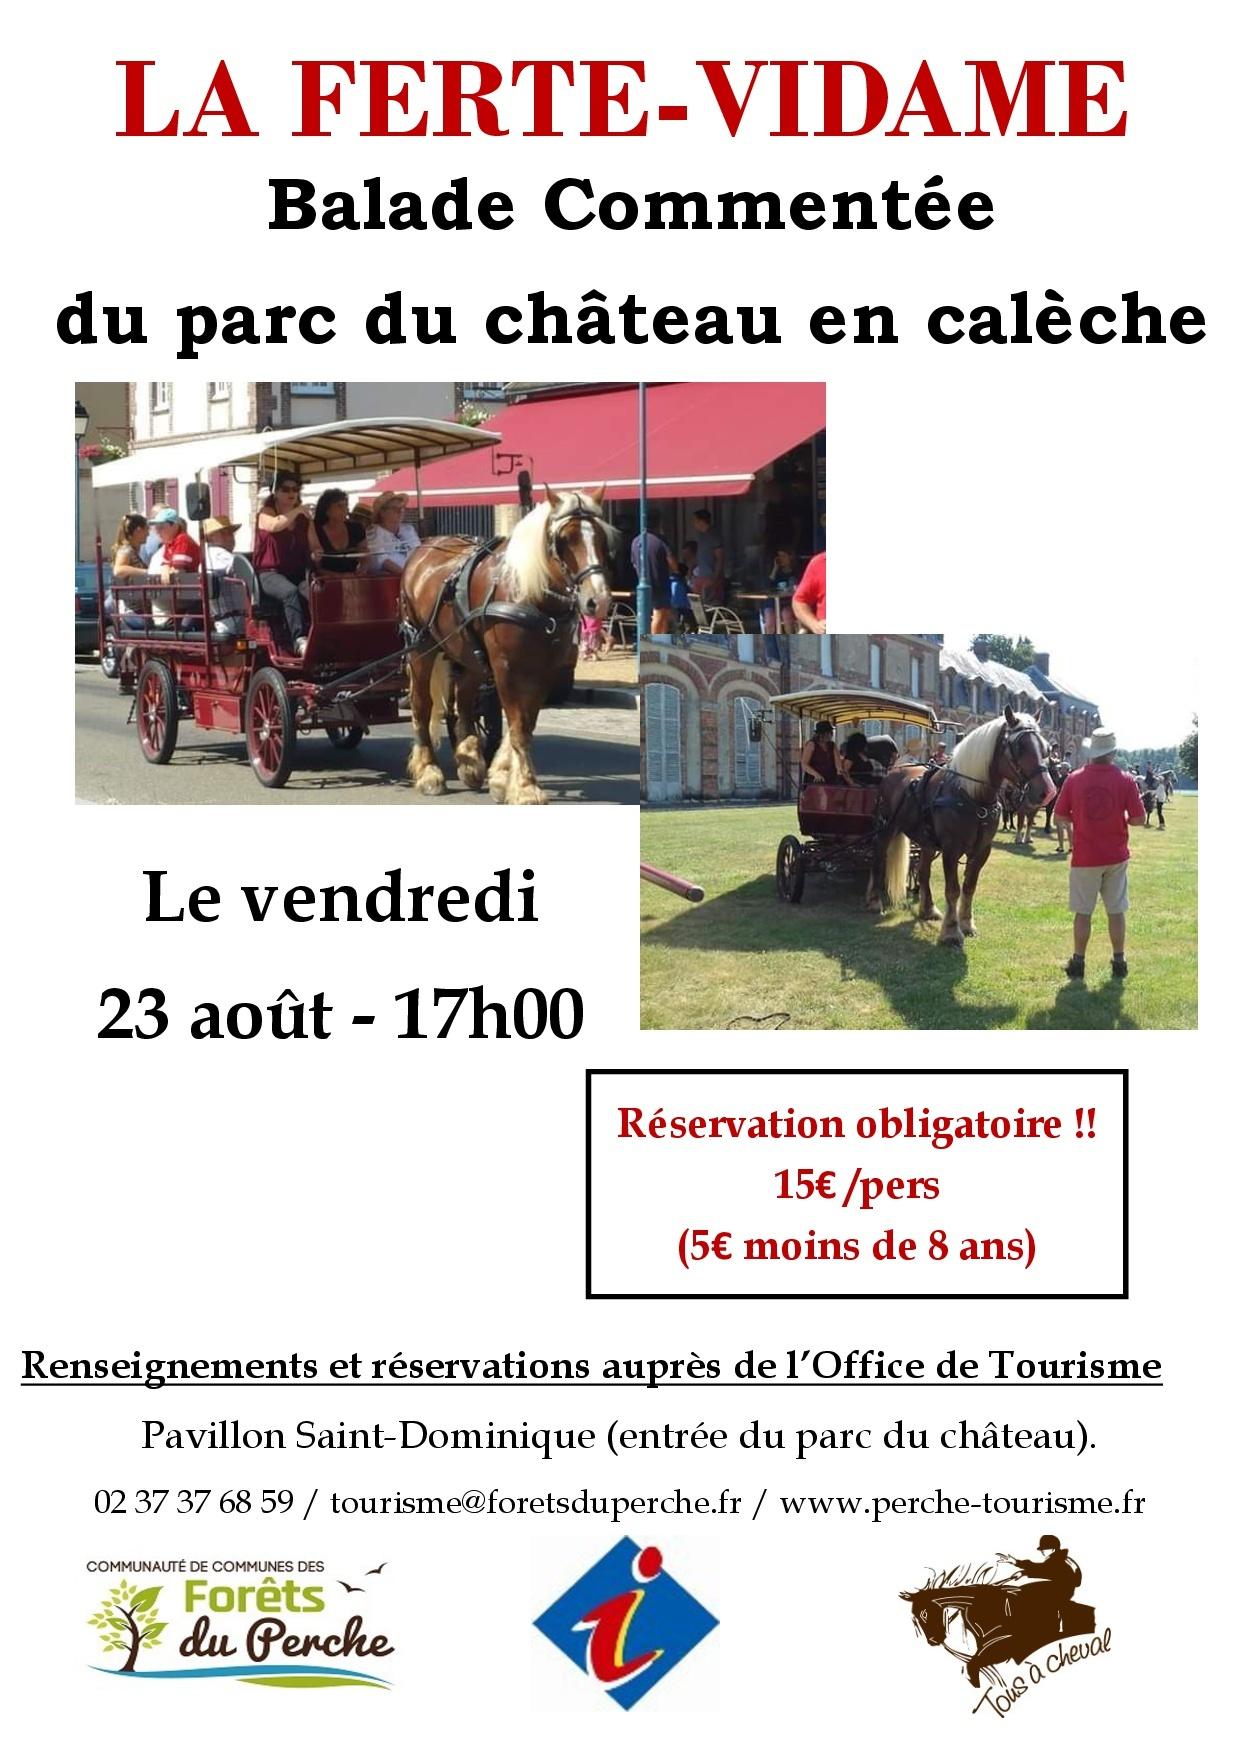 Balade commentée en calèche dans le parc du château de La Ferté Vidame à LA FERTE-VIDAME © office de tourisme des forets du perche